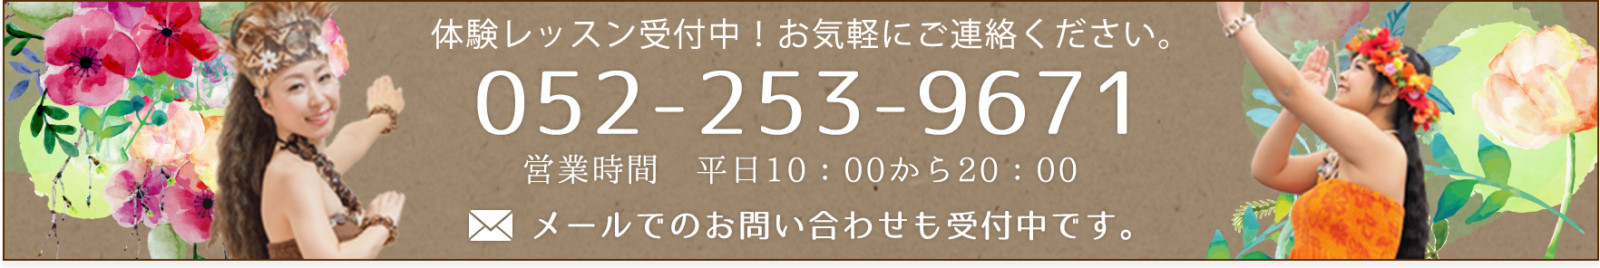 main_banner_01 MICHIKO | タヒチアンダンス テマラマタヒチ名古屋